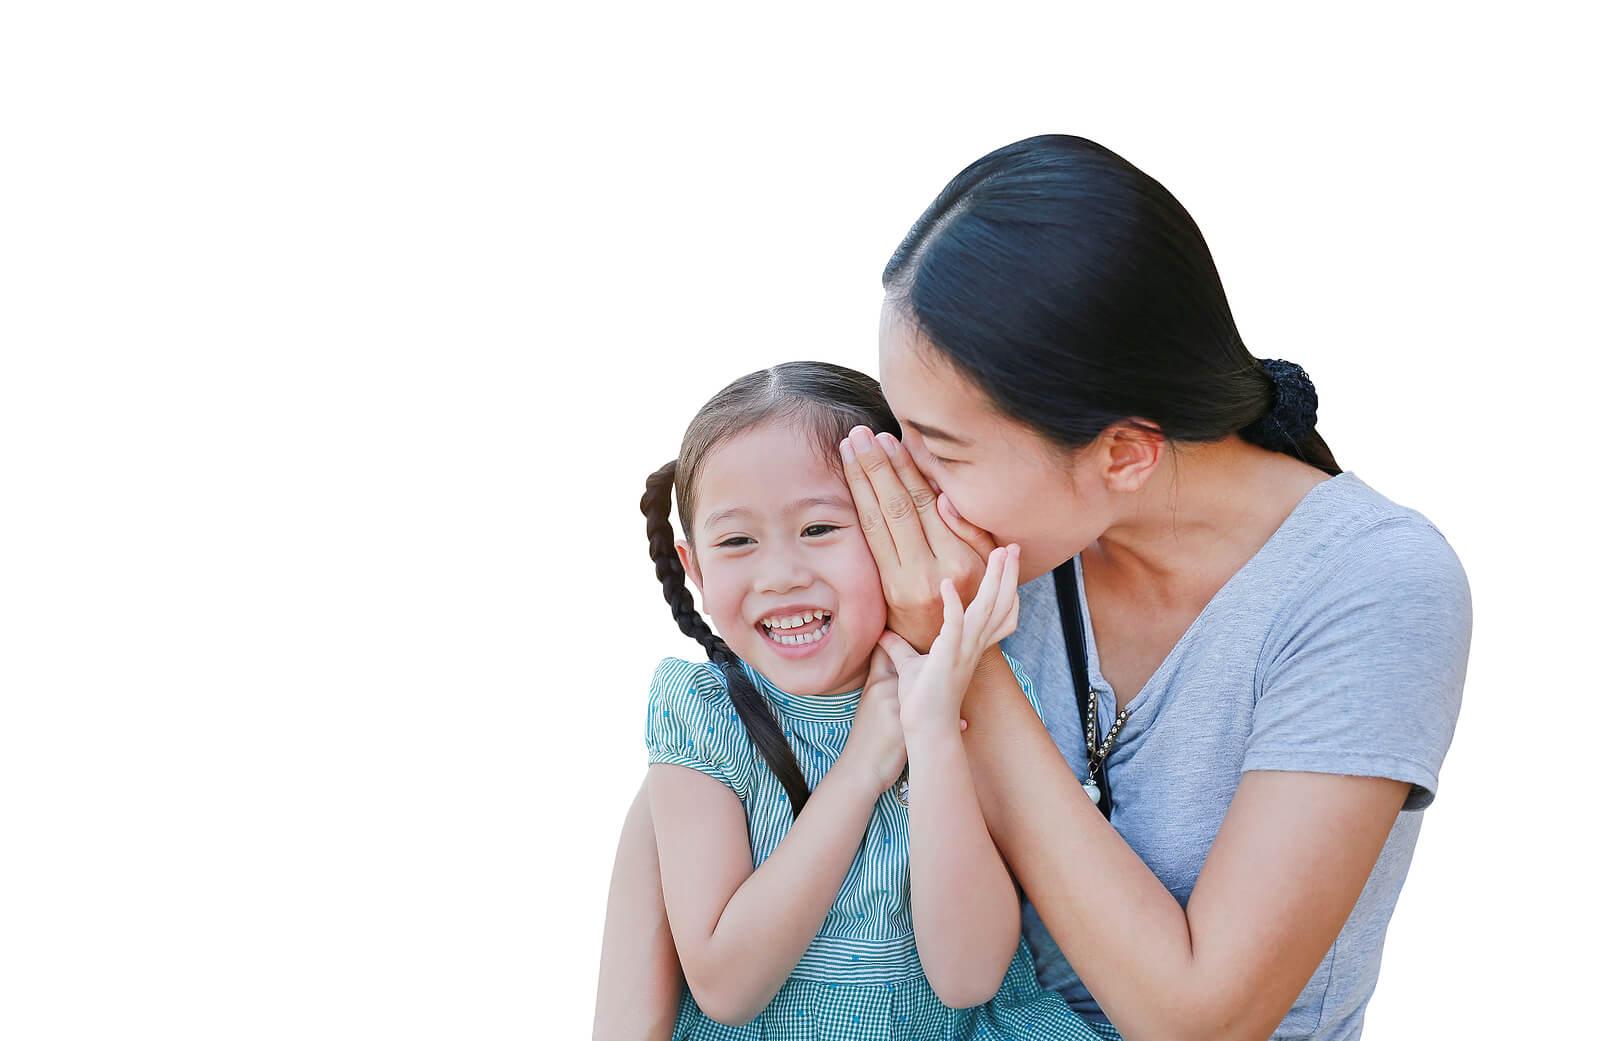 Madre contándole secretos de su infancia a su hija.